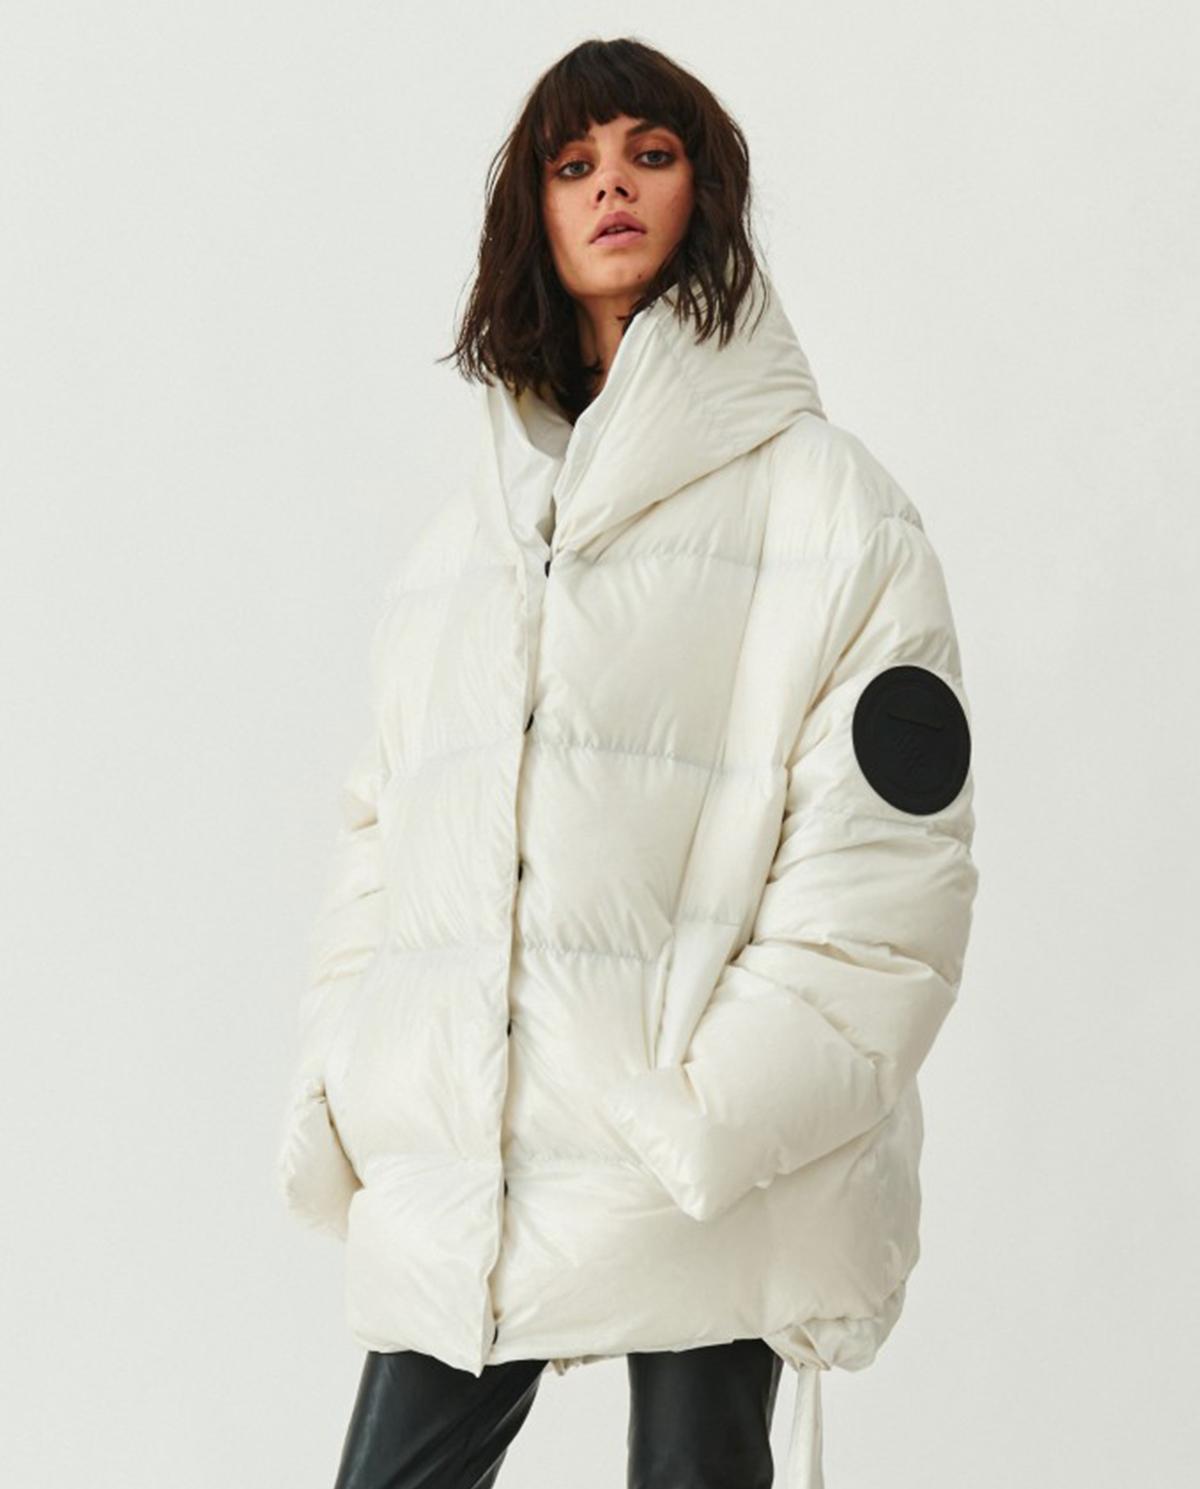 Biała kurtka pikowana Jesso MMC Studio JESSOJACKET WHITE ONE SIZE